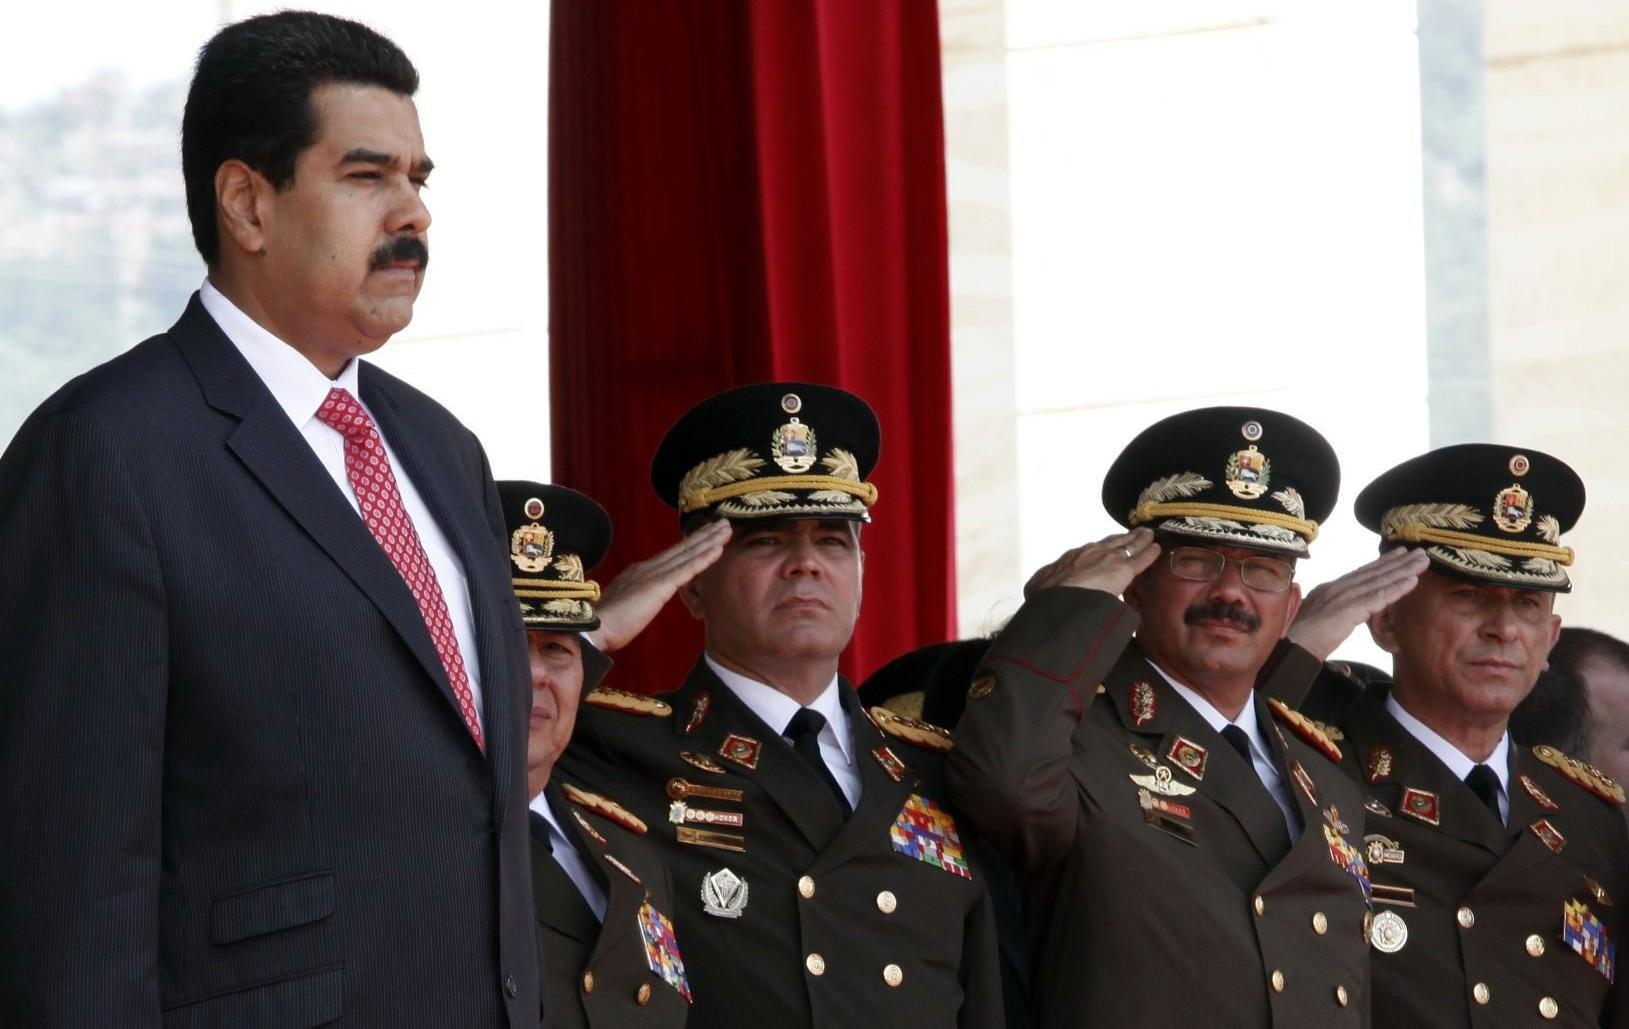 Marco Rubio asegura que EE. UU sabe dónde esconden sus fortunas los altos mandos militares de Venezuela. foto/C.Press